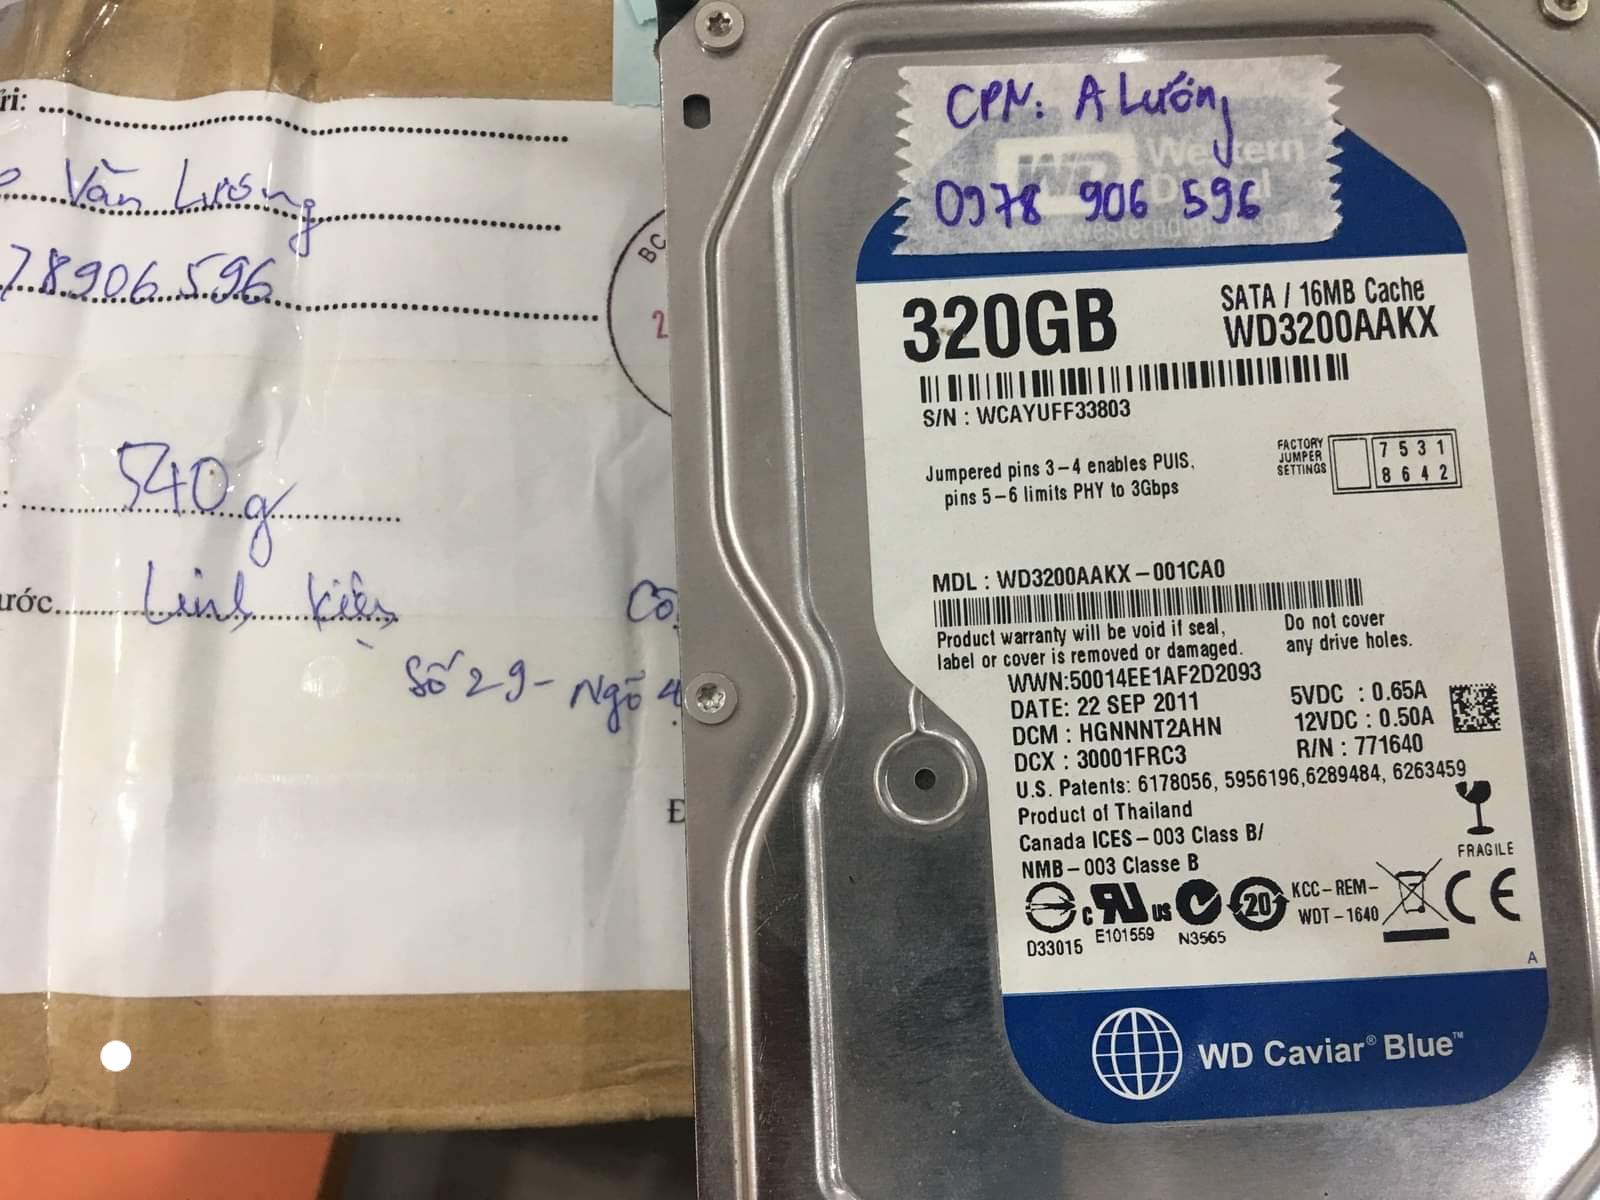 Phục hồi dữ liệu ổ cứng Western 320GB lỗi đầu đọc tại Hải Phòng 03/09/2020 - cuumaytinh